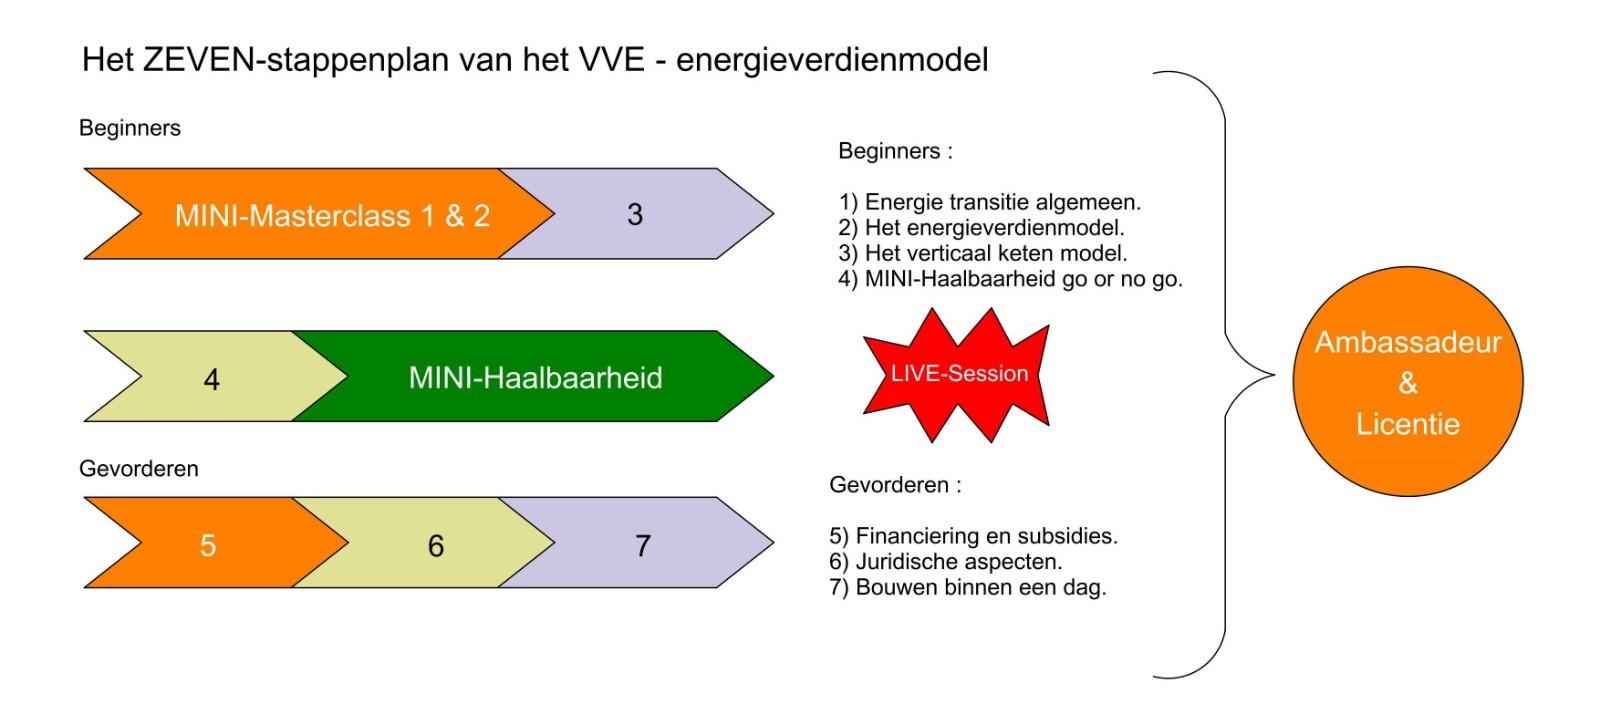 Het zeven stappenplan van het VVE-energieverdienmodel